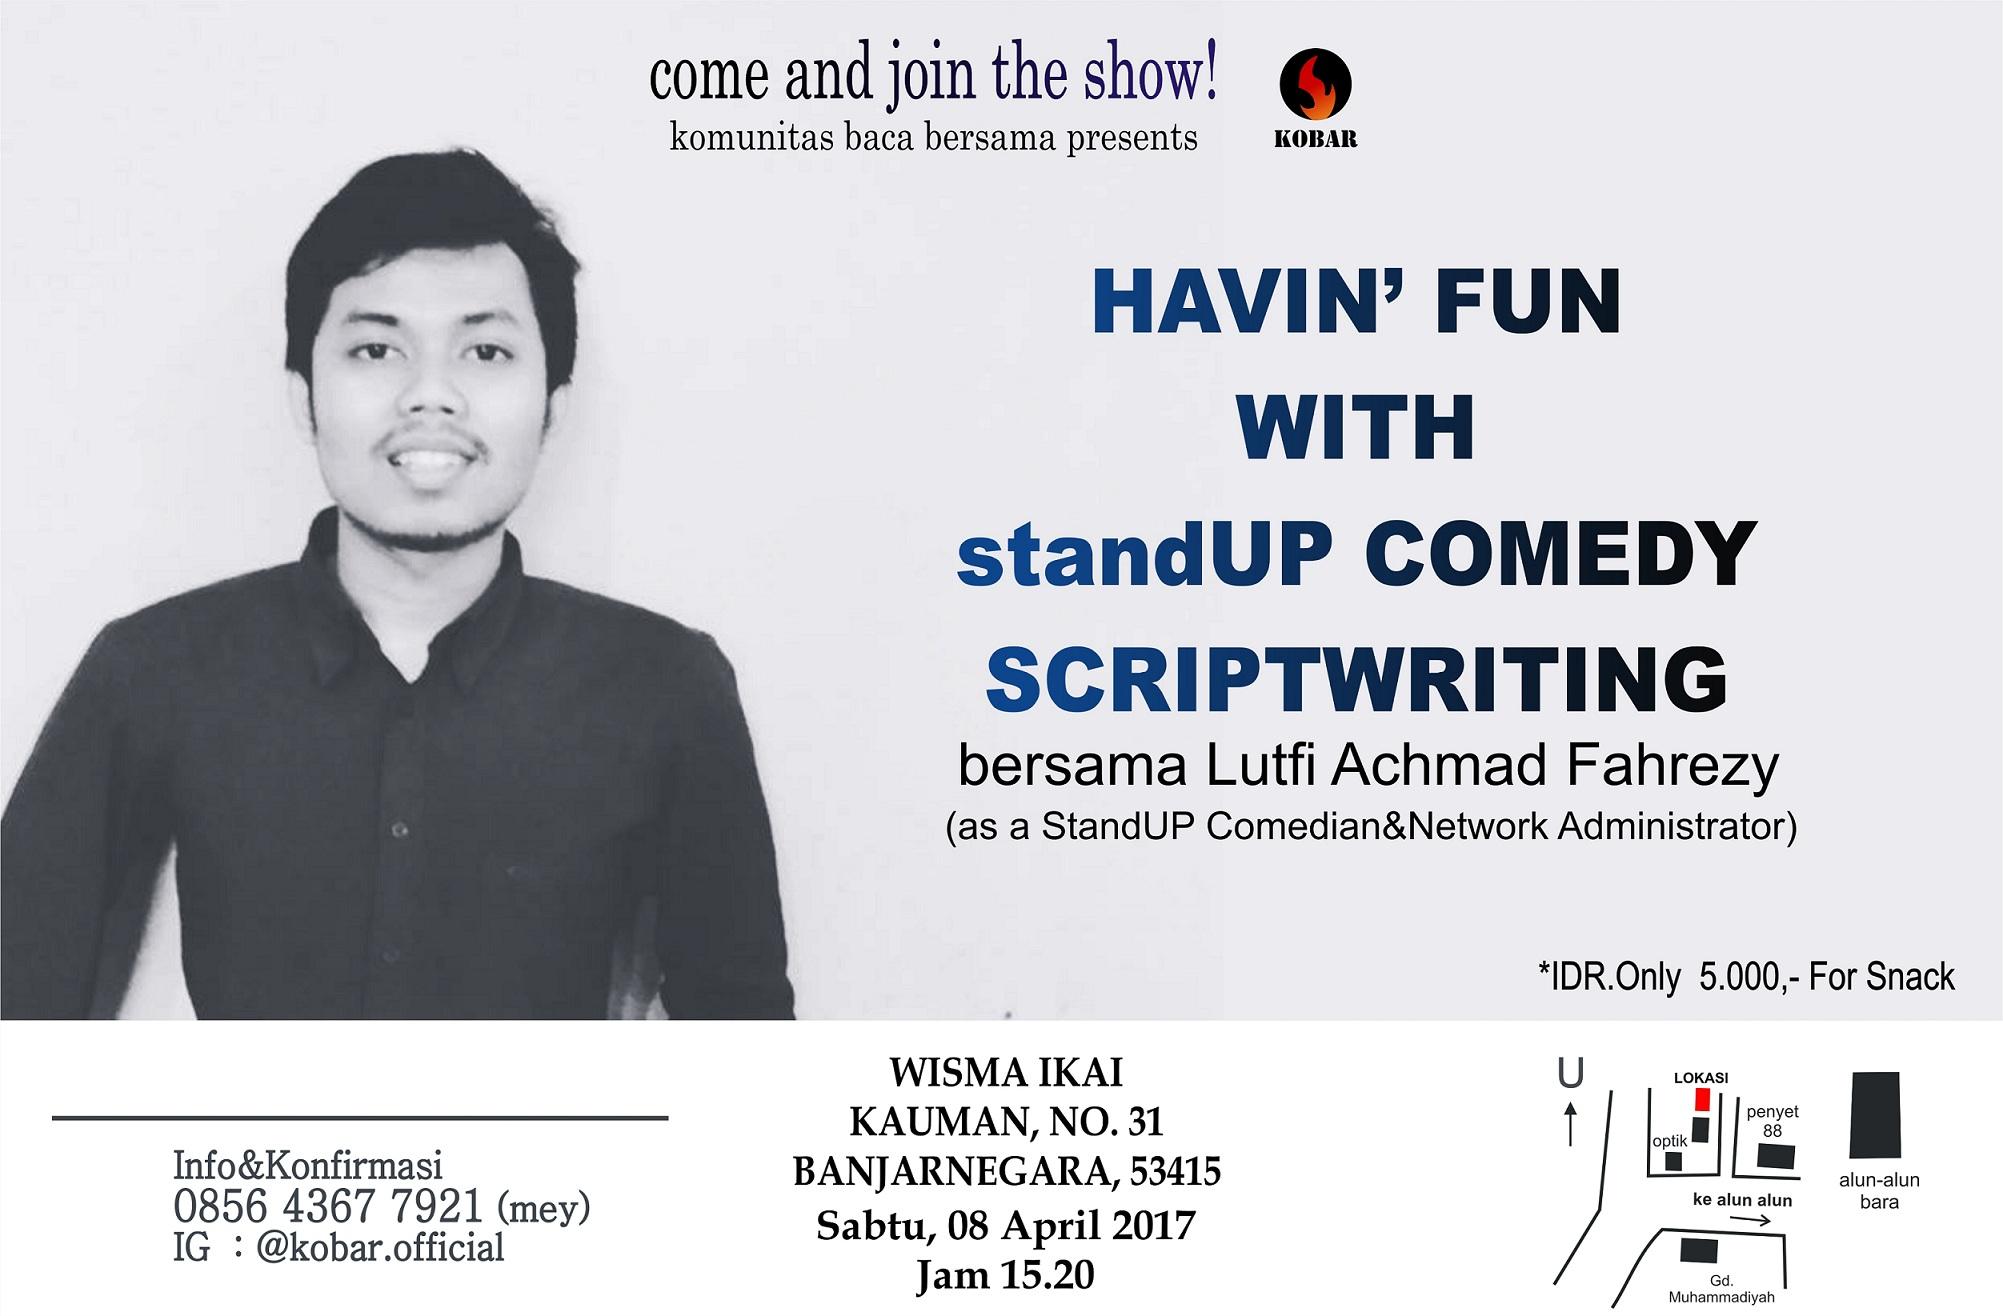 writing a comedy script Comedy movie scripts, funny movie scripts, video/film, comedy anime, parody comedy movies.